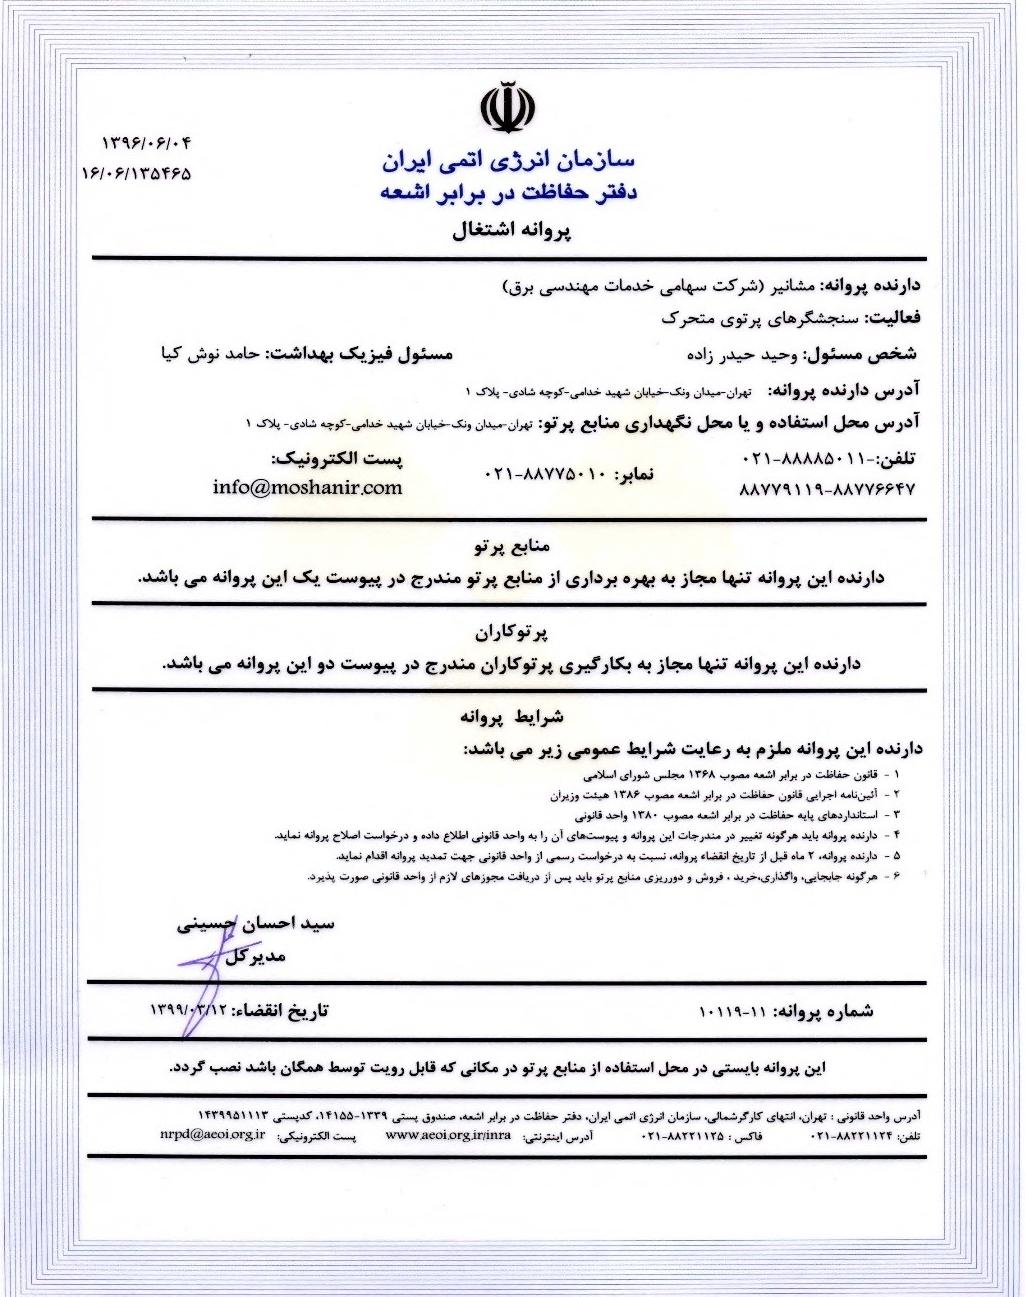 پروانه اشتغال استفاده از سنجشگرهای پرتوی متحرک از سازمان انرژی اتمی ایران